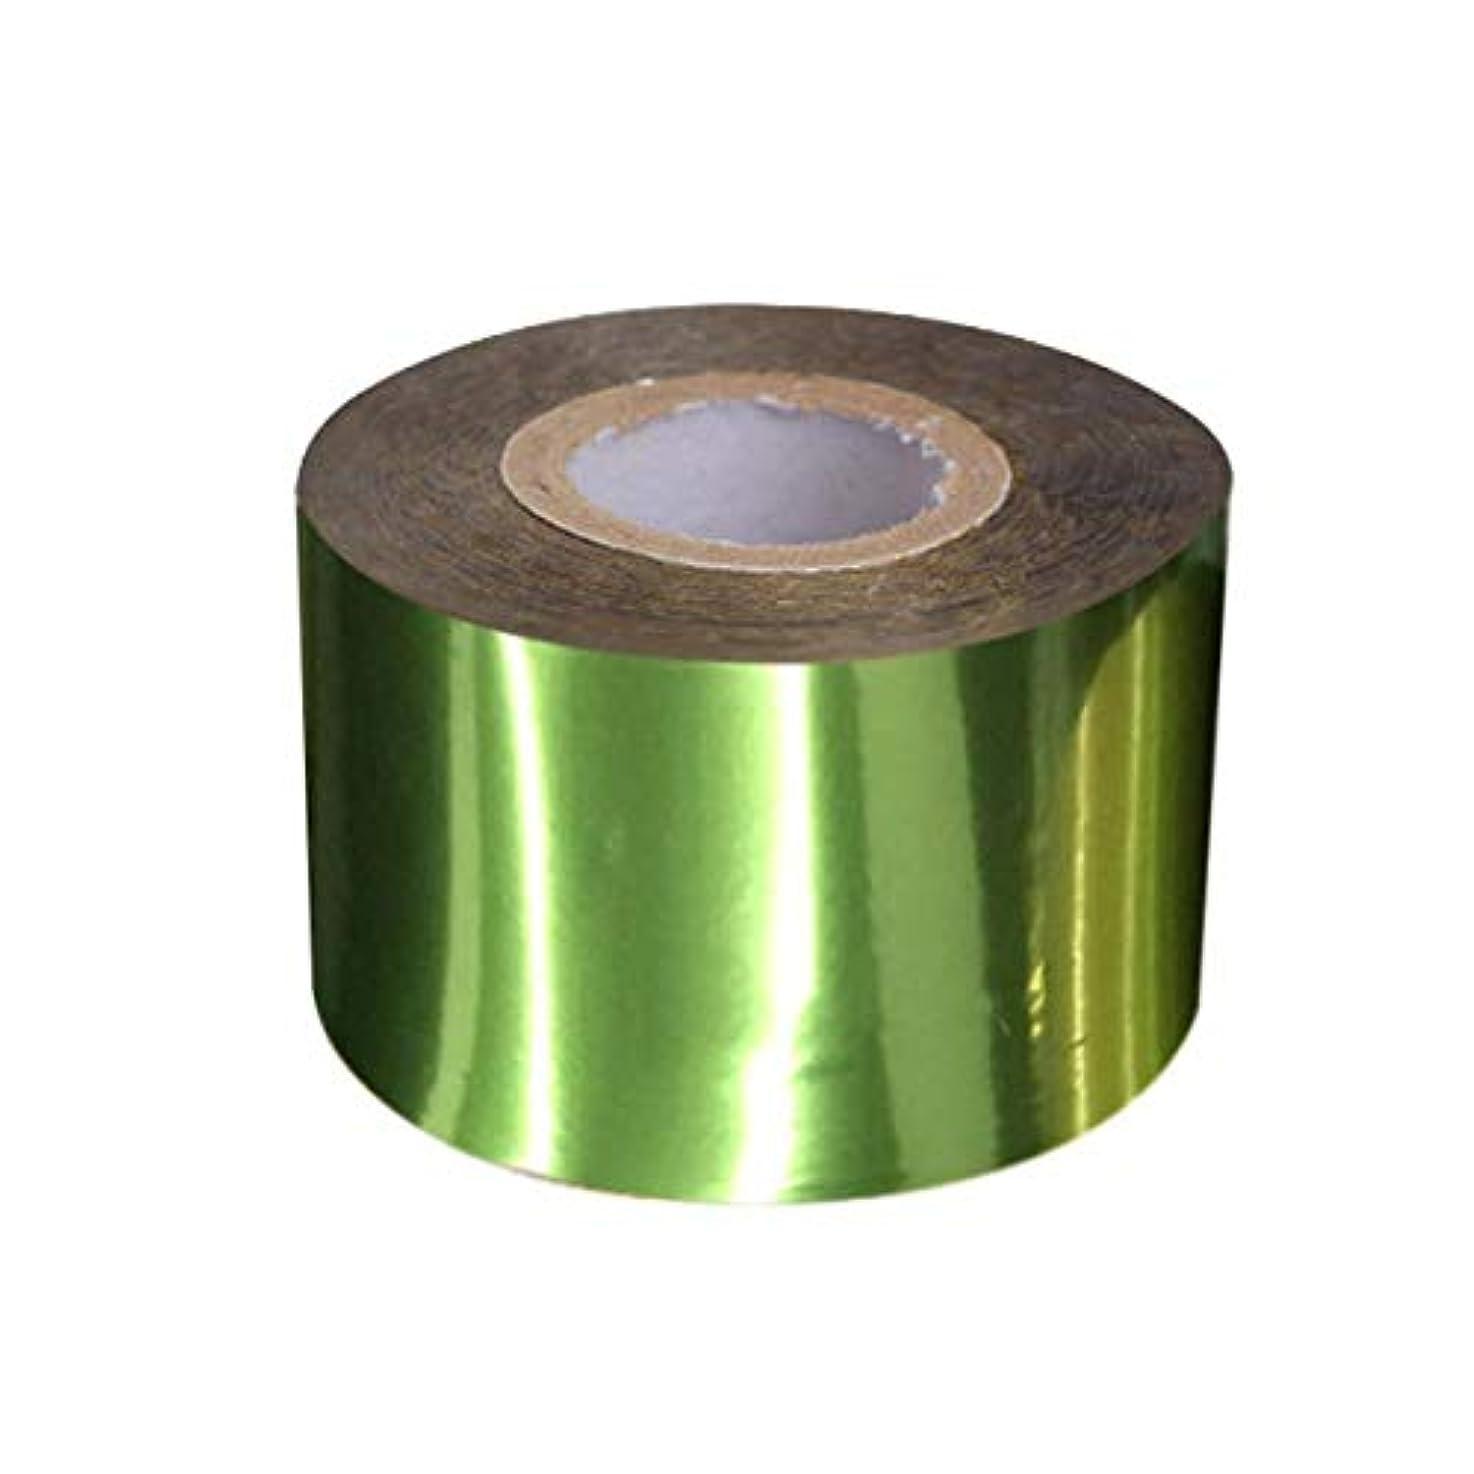 ドキドキ再生リサイクルするSUKTI&XIAO ネイルステッカー 120M * 4Cmホログラフィックマット星空ピュアカラーネイルアート転写箔ホログラフィックシルバーゴールドネイルデザイン転写ステッカー、グリーン